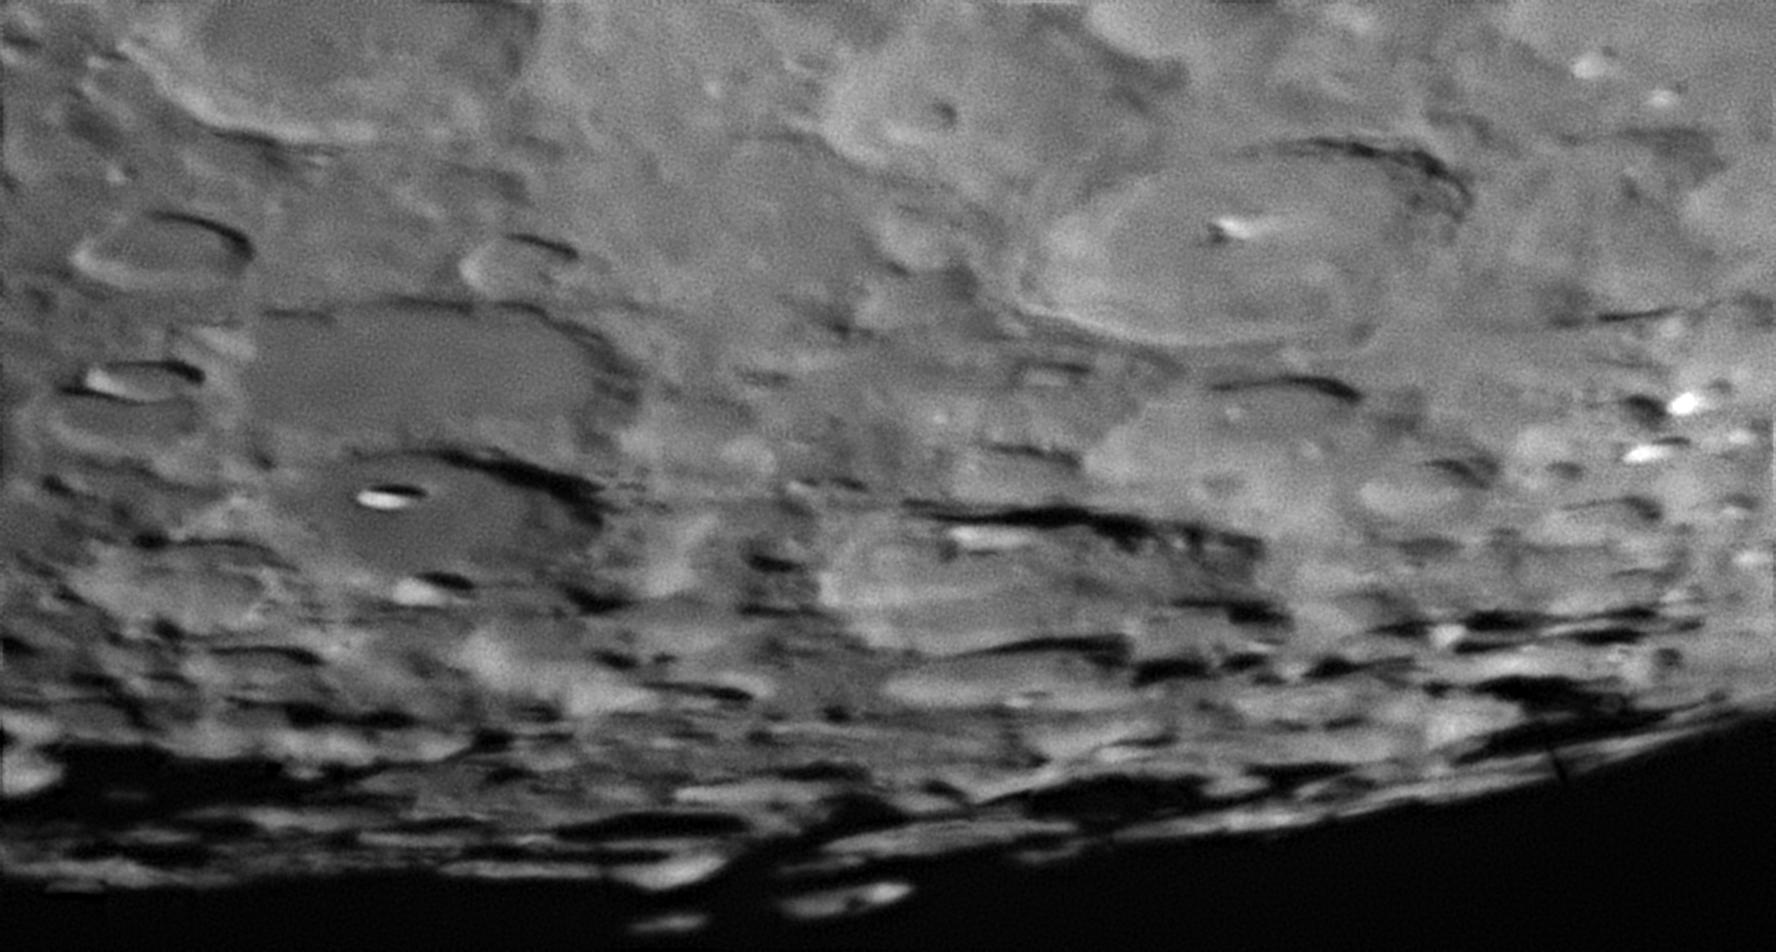 2021-02-24-2135_9-IR-Moon_lapl5_ap594_AS_moretus_klaproth.png.c5374cc0be7e21a7f8a573934de58bdf.png